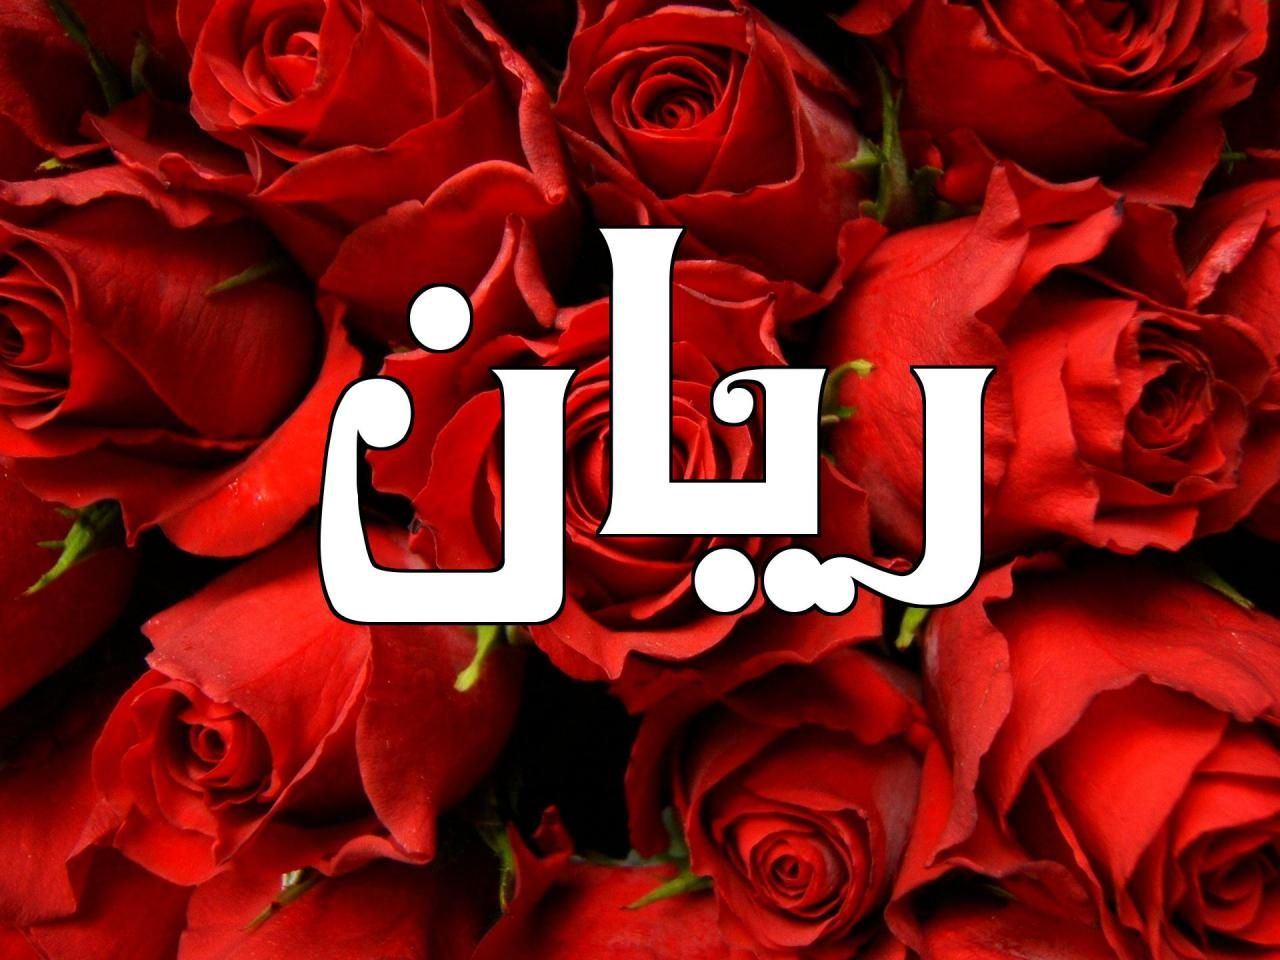 تعرف على كل دلالات ومعنى اسم ريان Rayan وأهم صفاتها موقع مصري In 2021 Neon Signs Flowers Rose